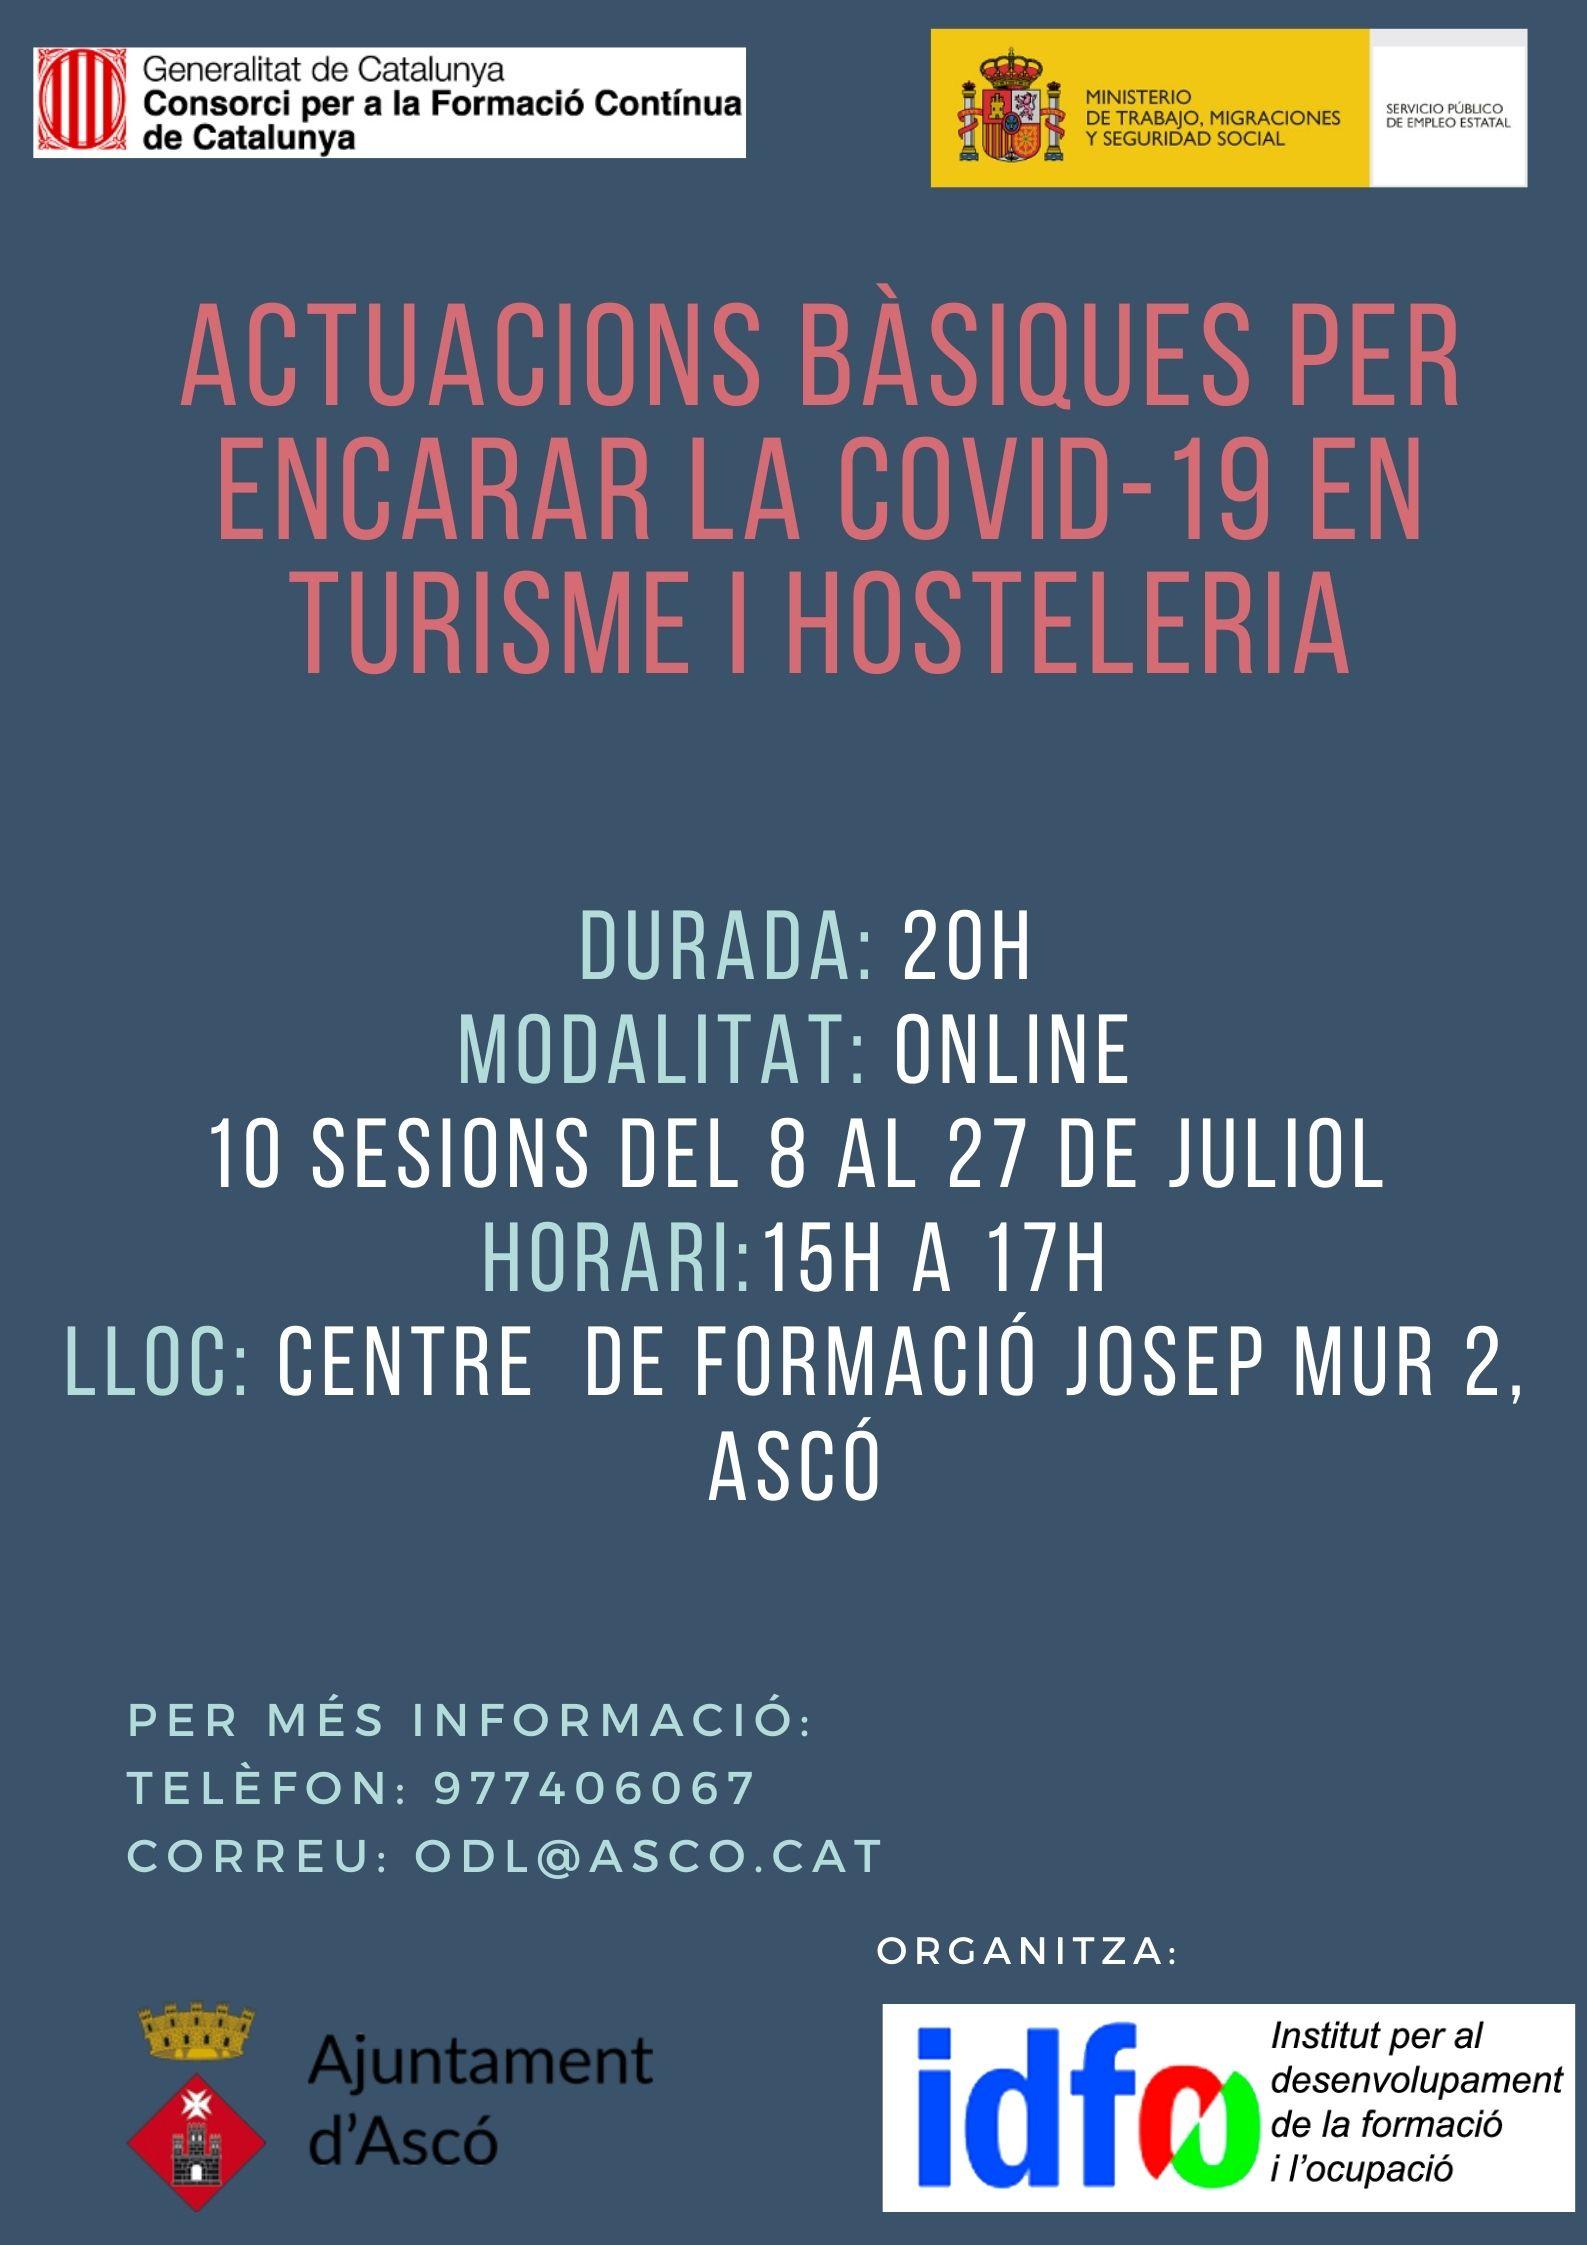 FORMACIÓ: ACTUACIONS BÀSIQUES PER ENCARAR LA COVID-19 EN TURISME I HOSTELERIA